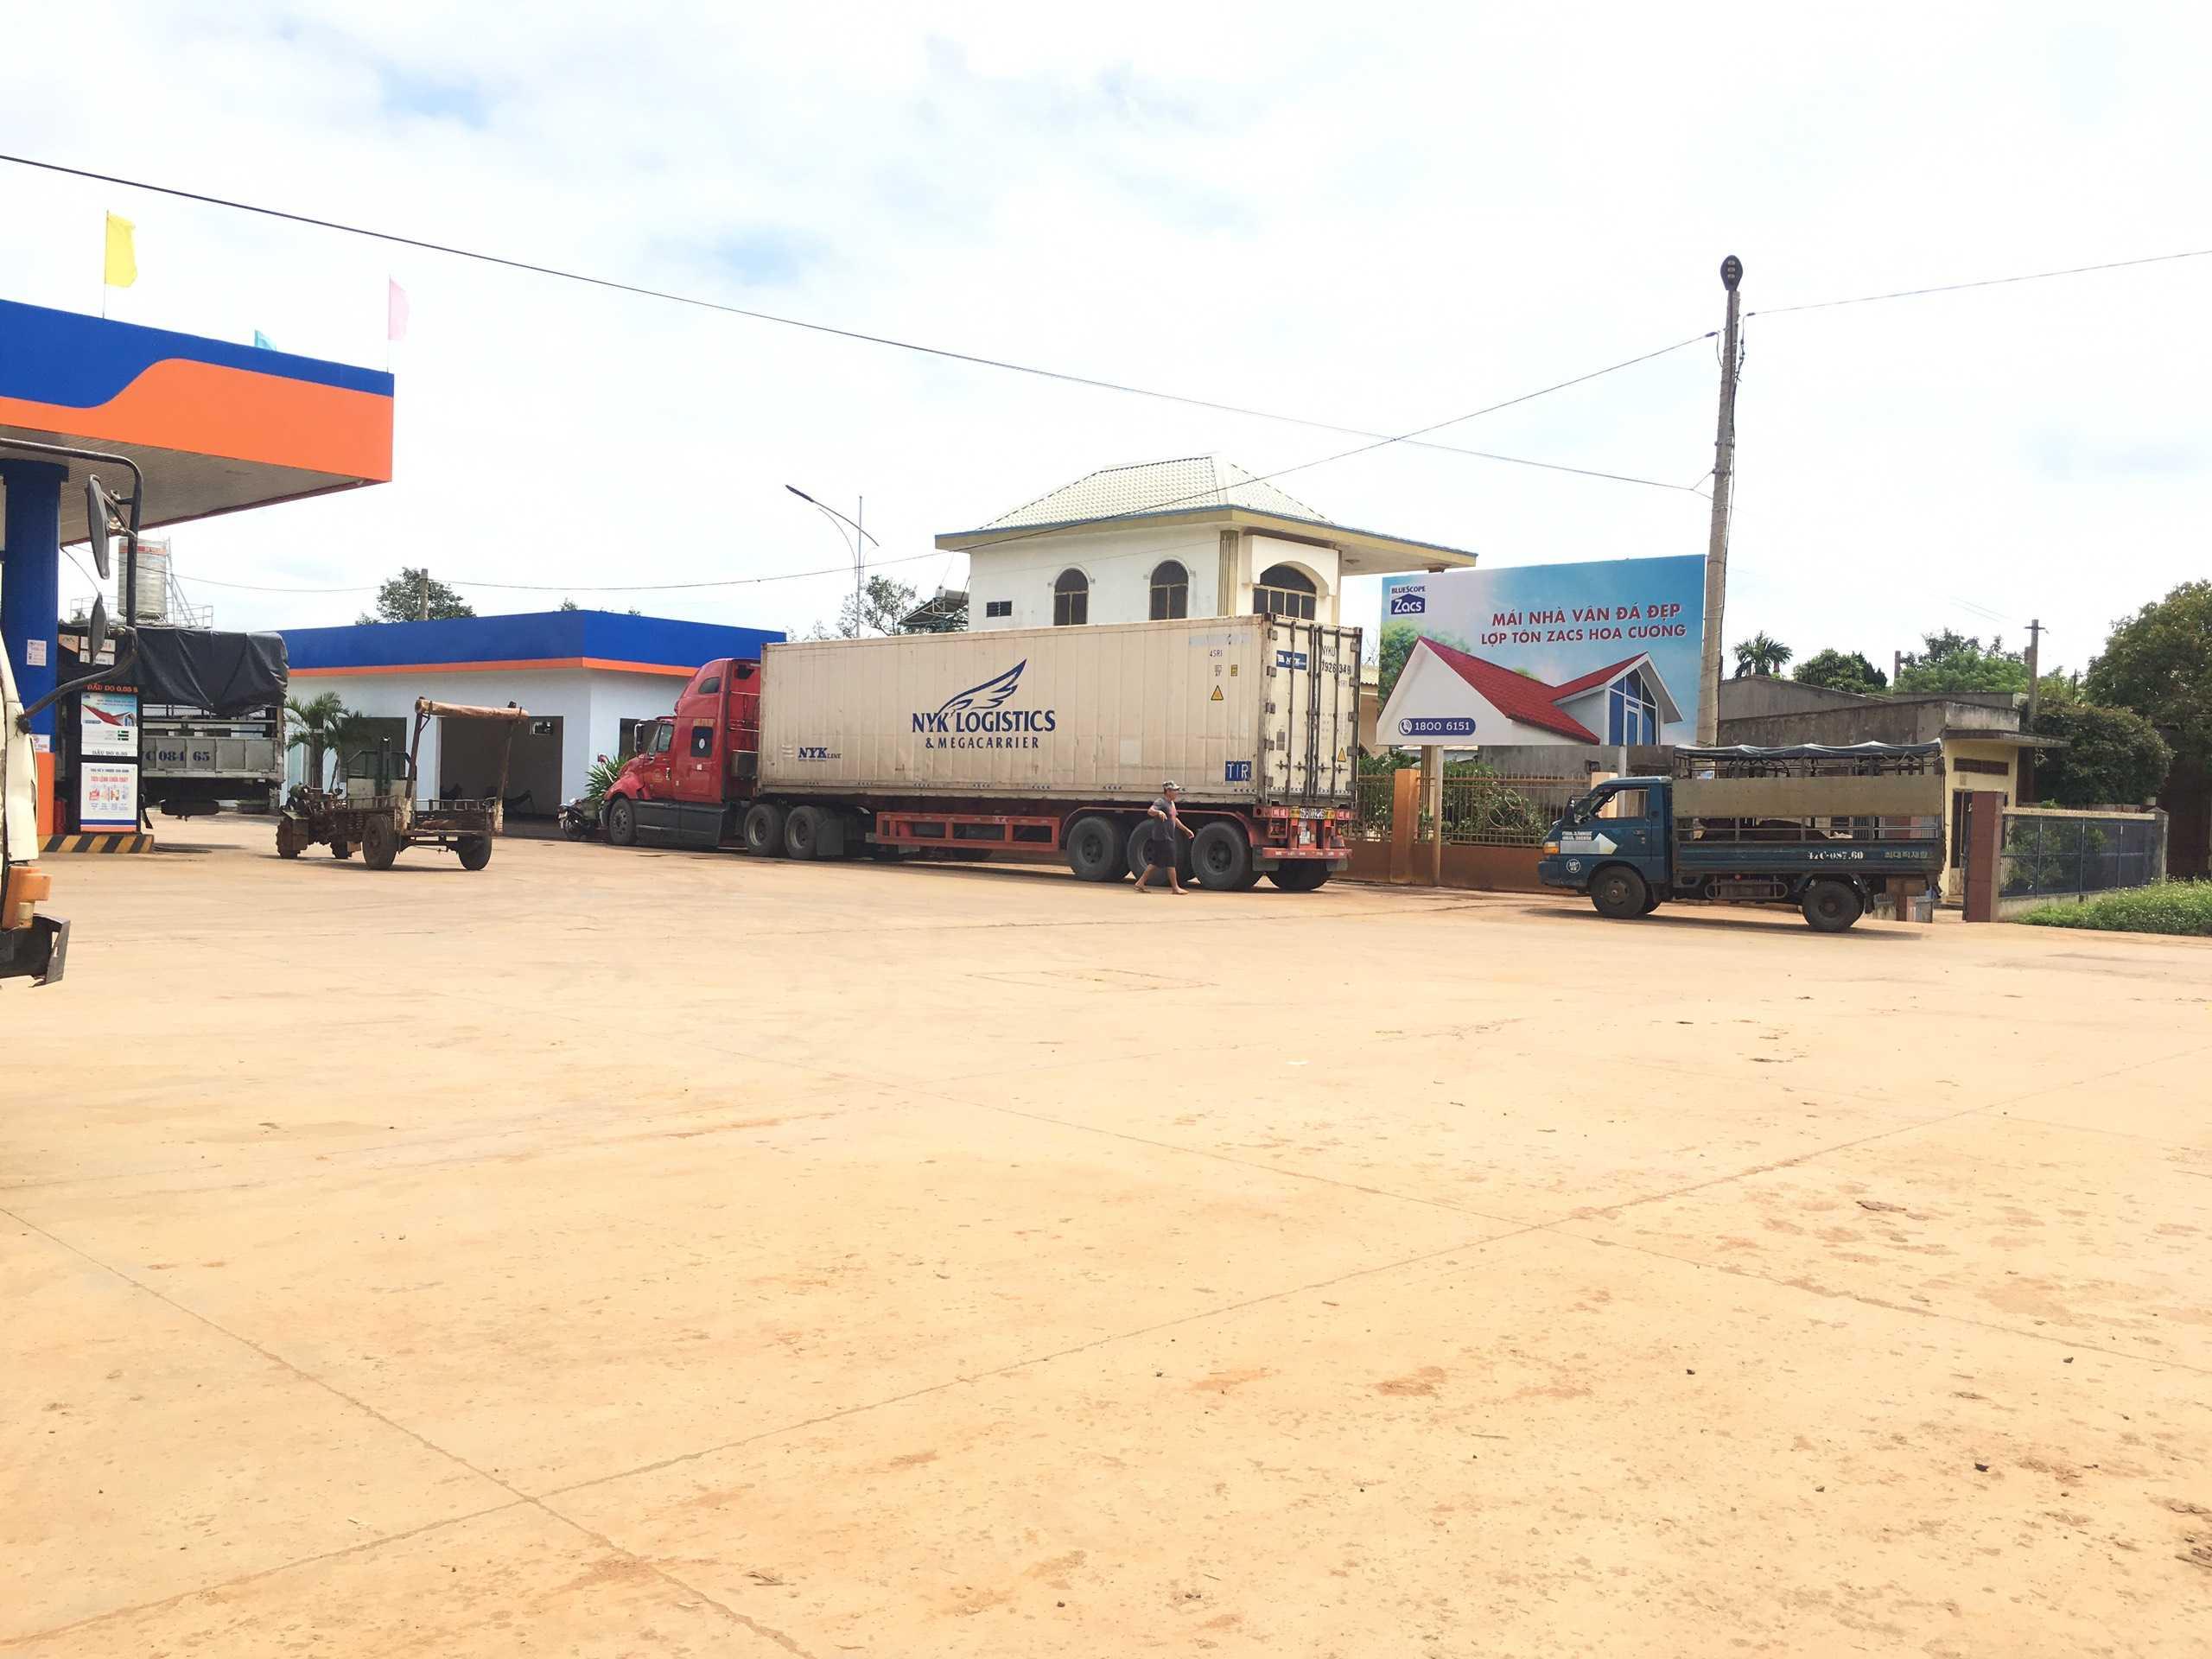 Quảng cáo CHXD Đức Thành, km 18, thị trấn Phước An, huyện Krông Pắc, Đắk Lắk - vị trí 1 biển trụ nhỏ cạnh tường rào